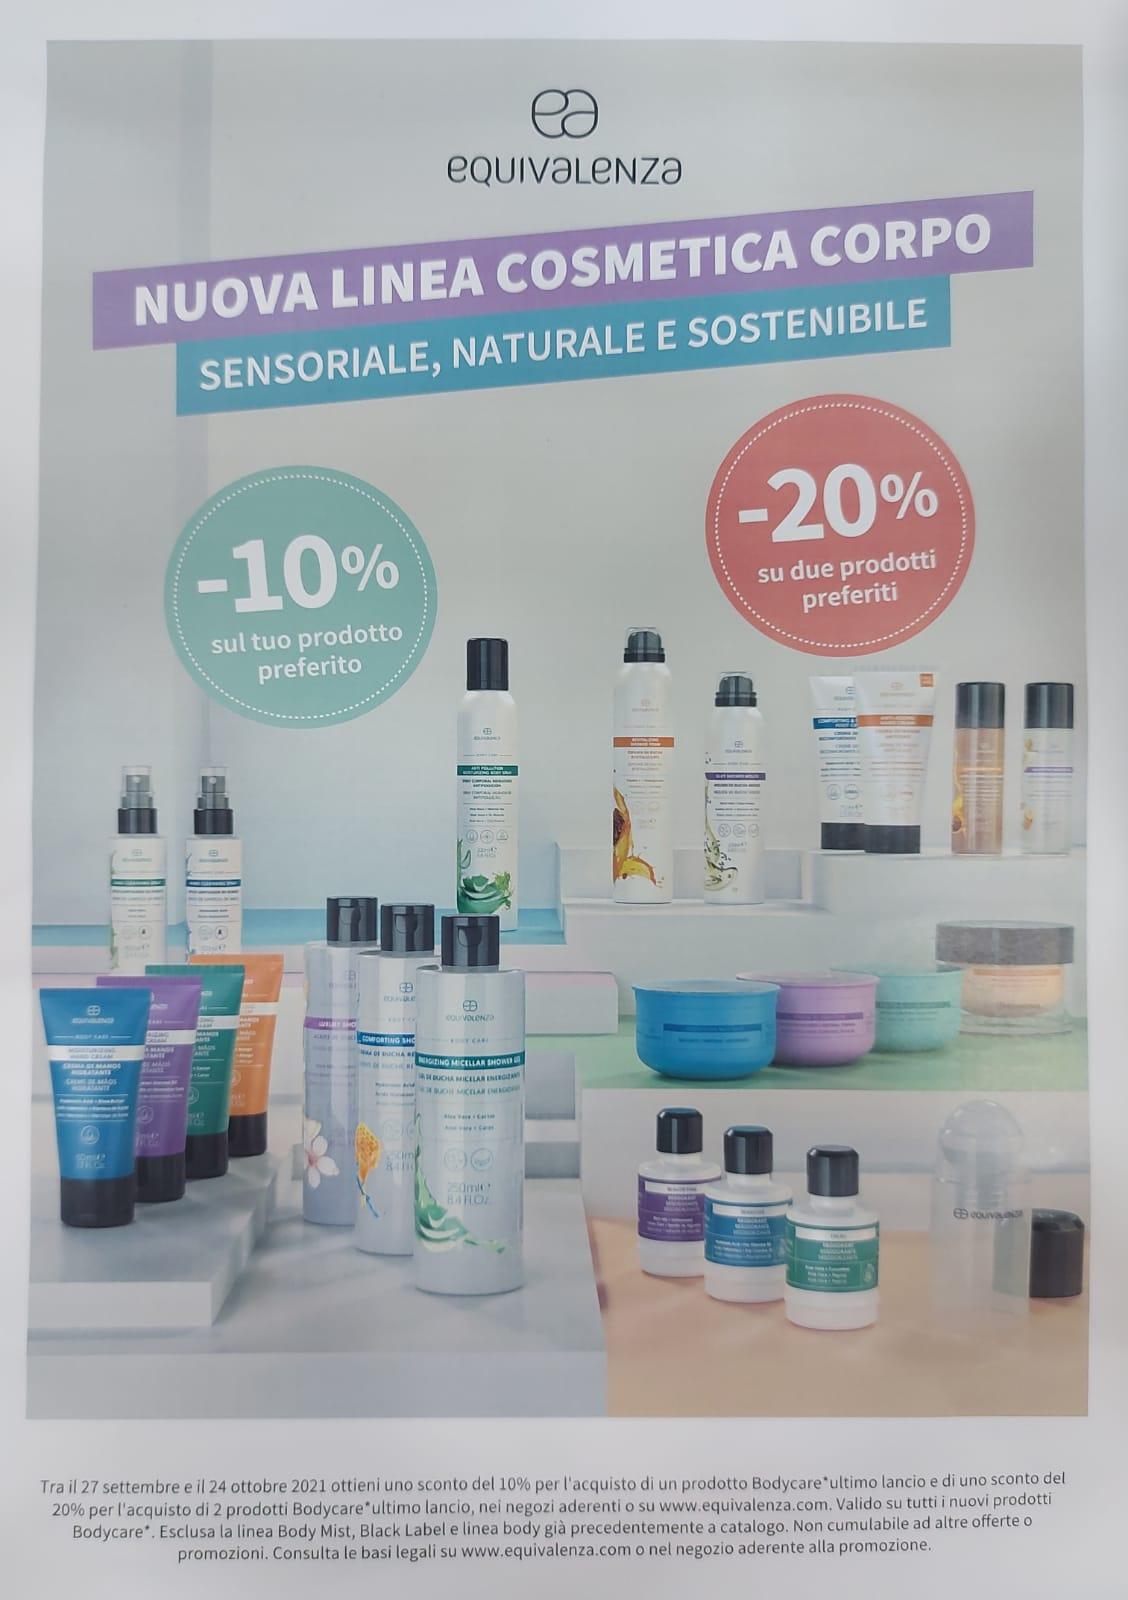 Equivalenza: nuova linea cosmetica corpo: Sensoriale, naturale e sostenibile